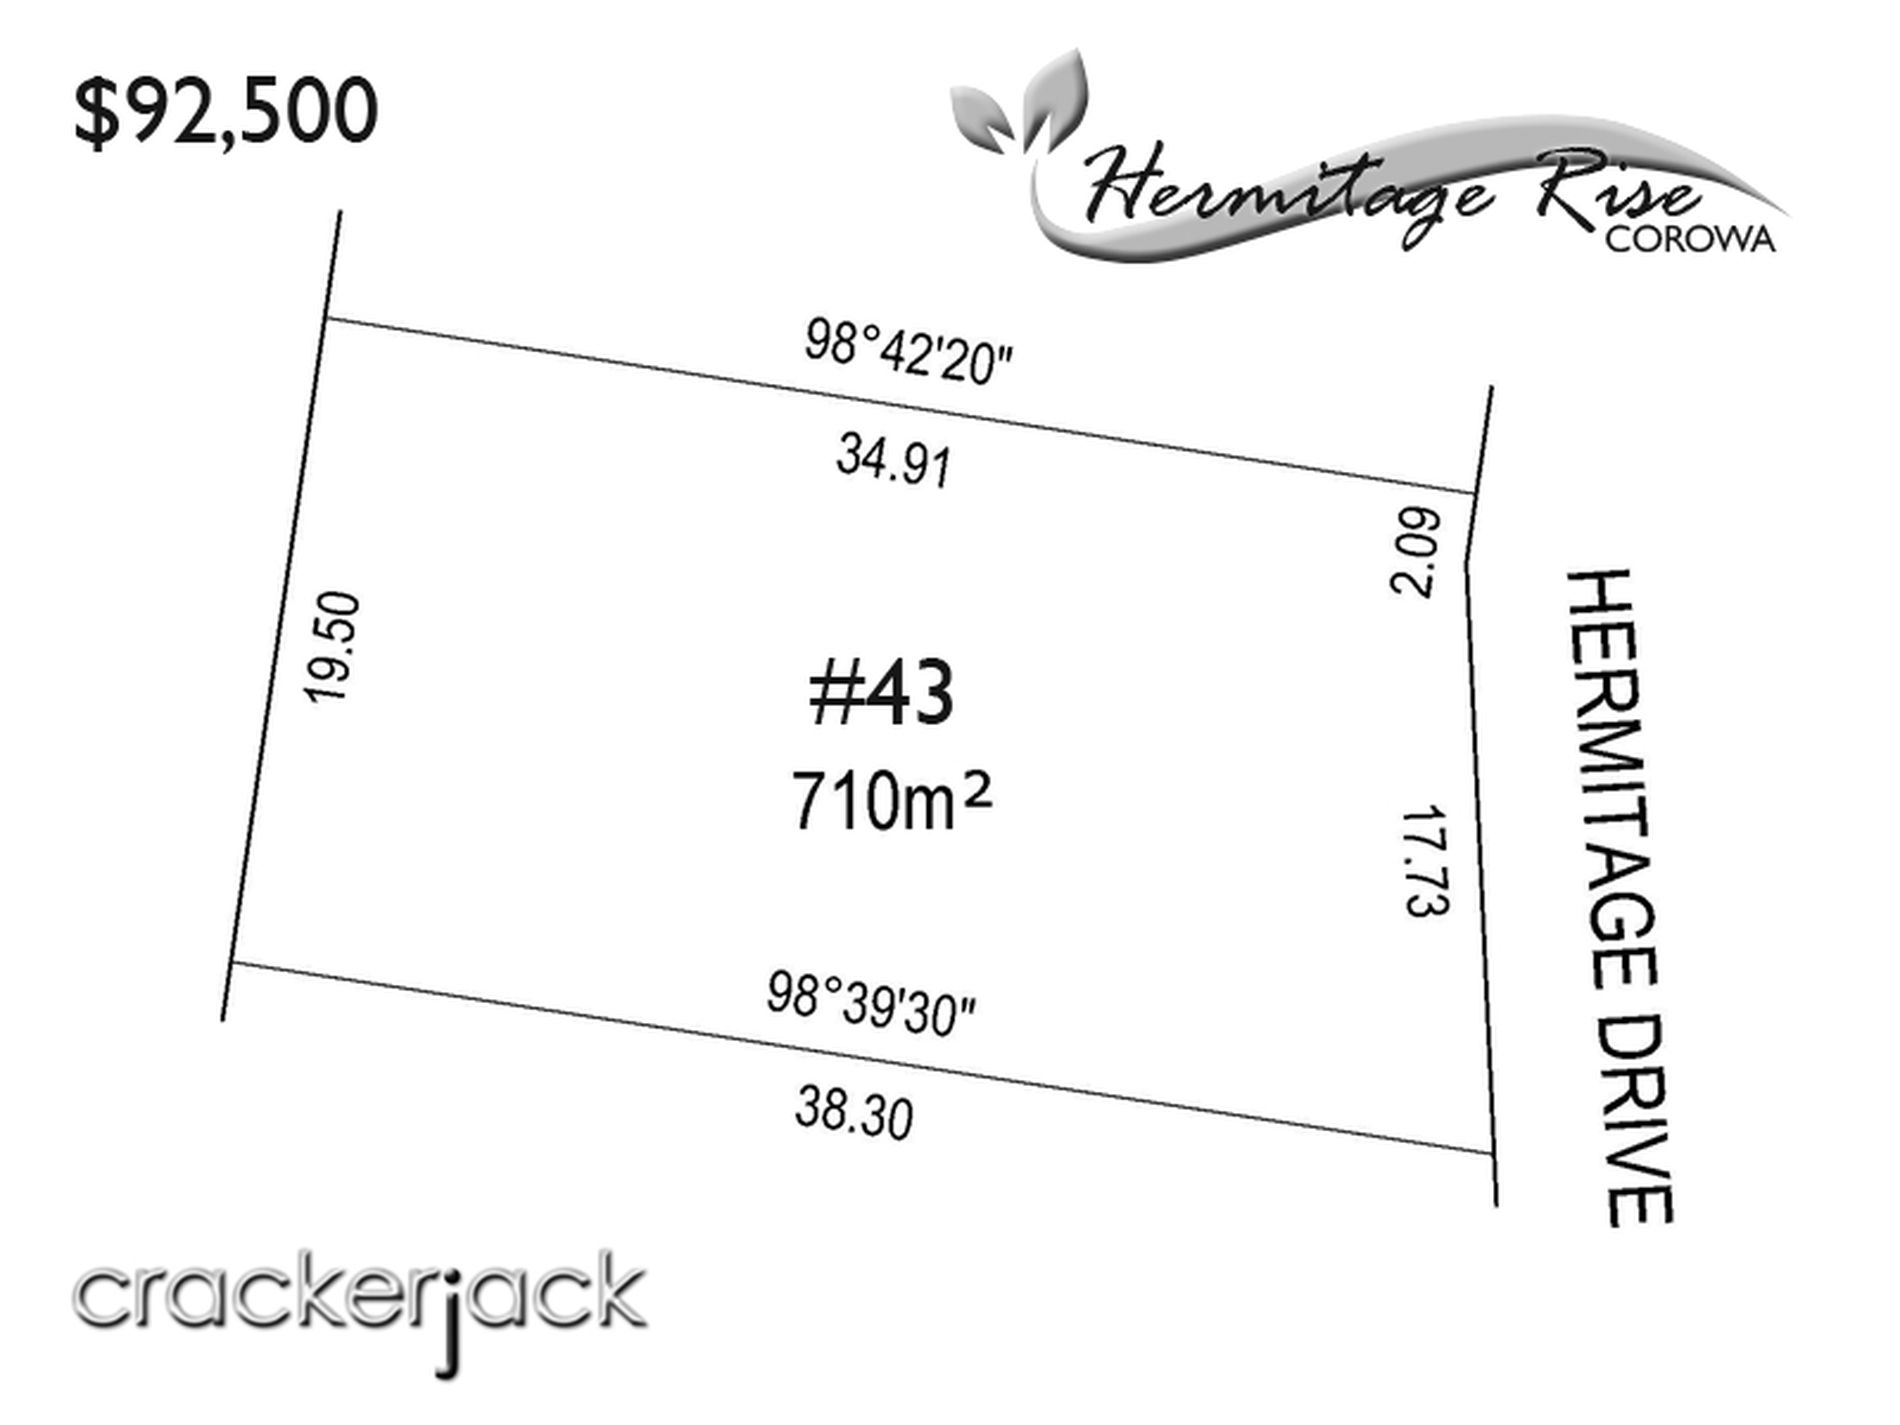 43 Hermitage Drive, Corowa